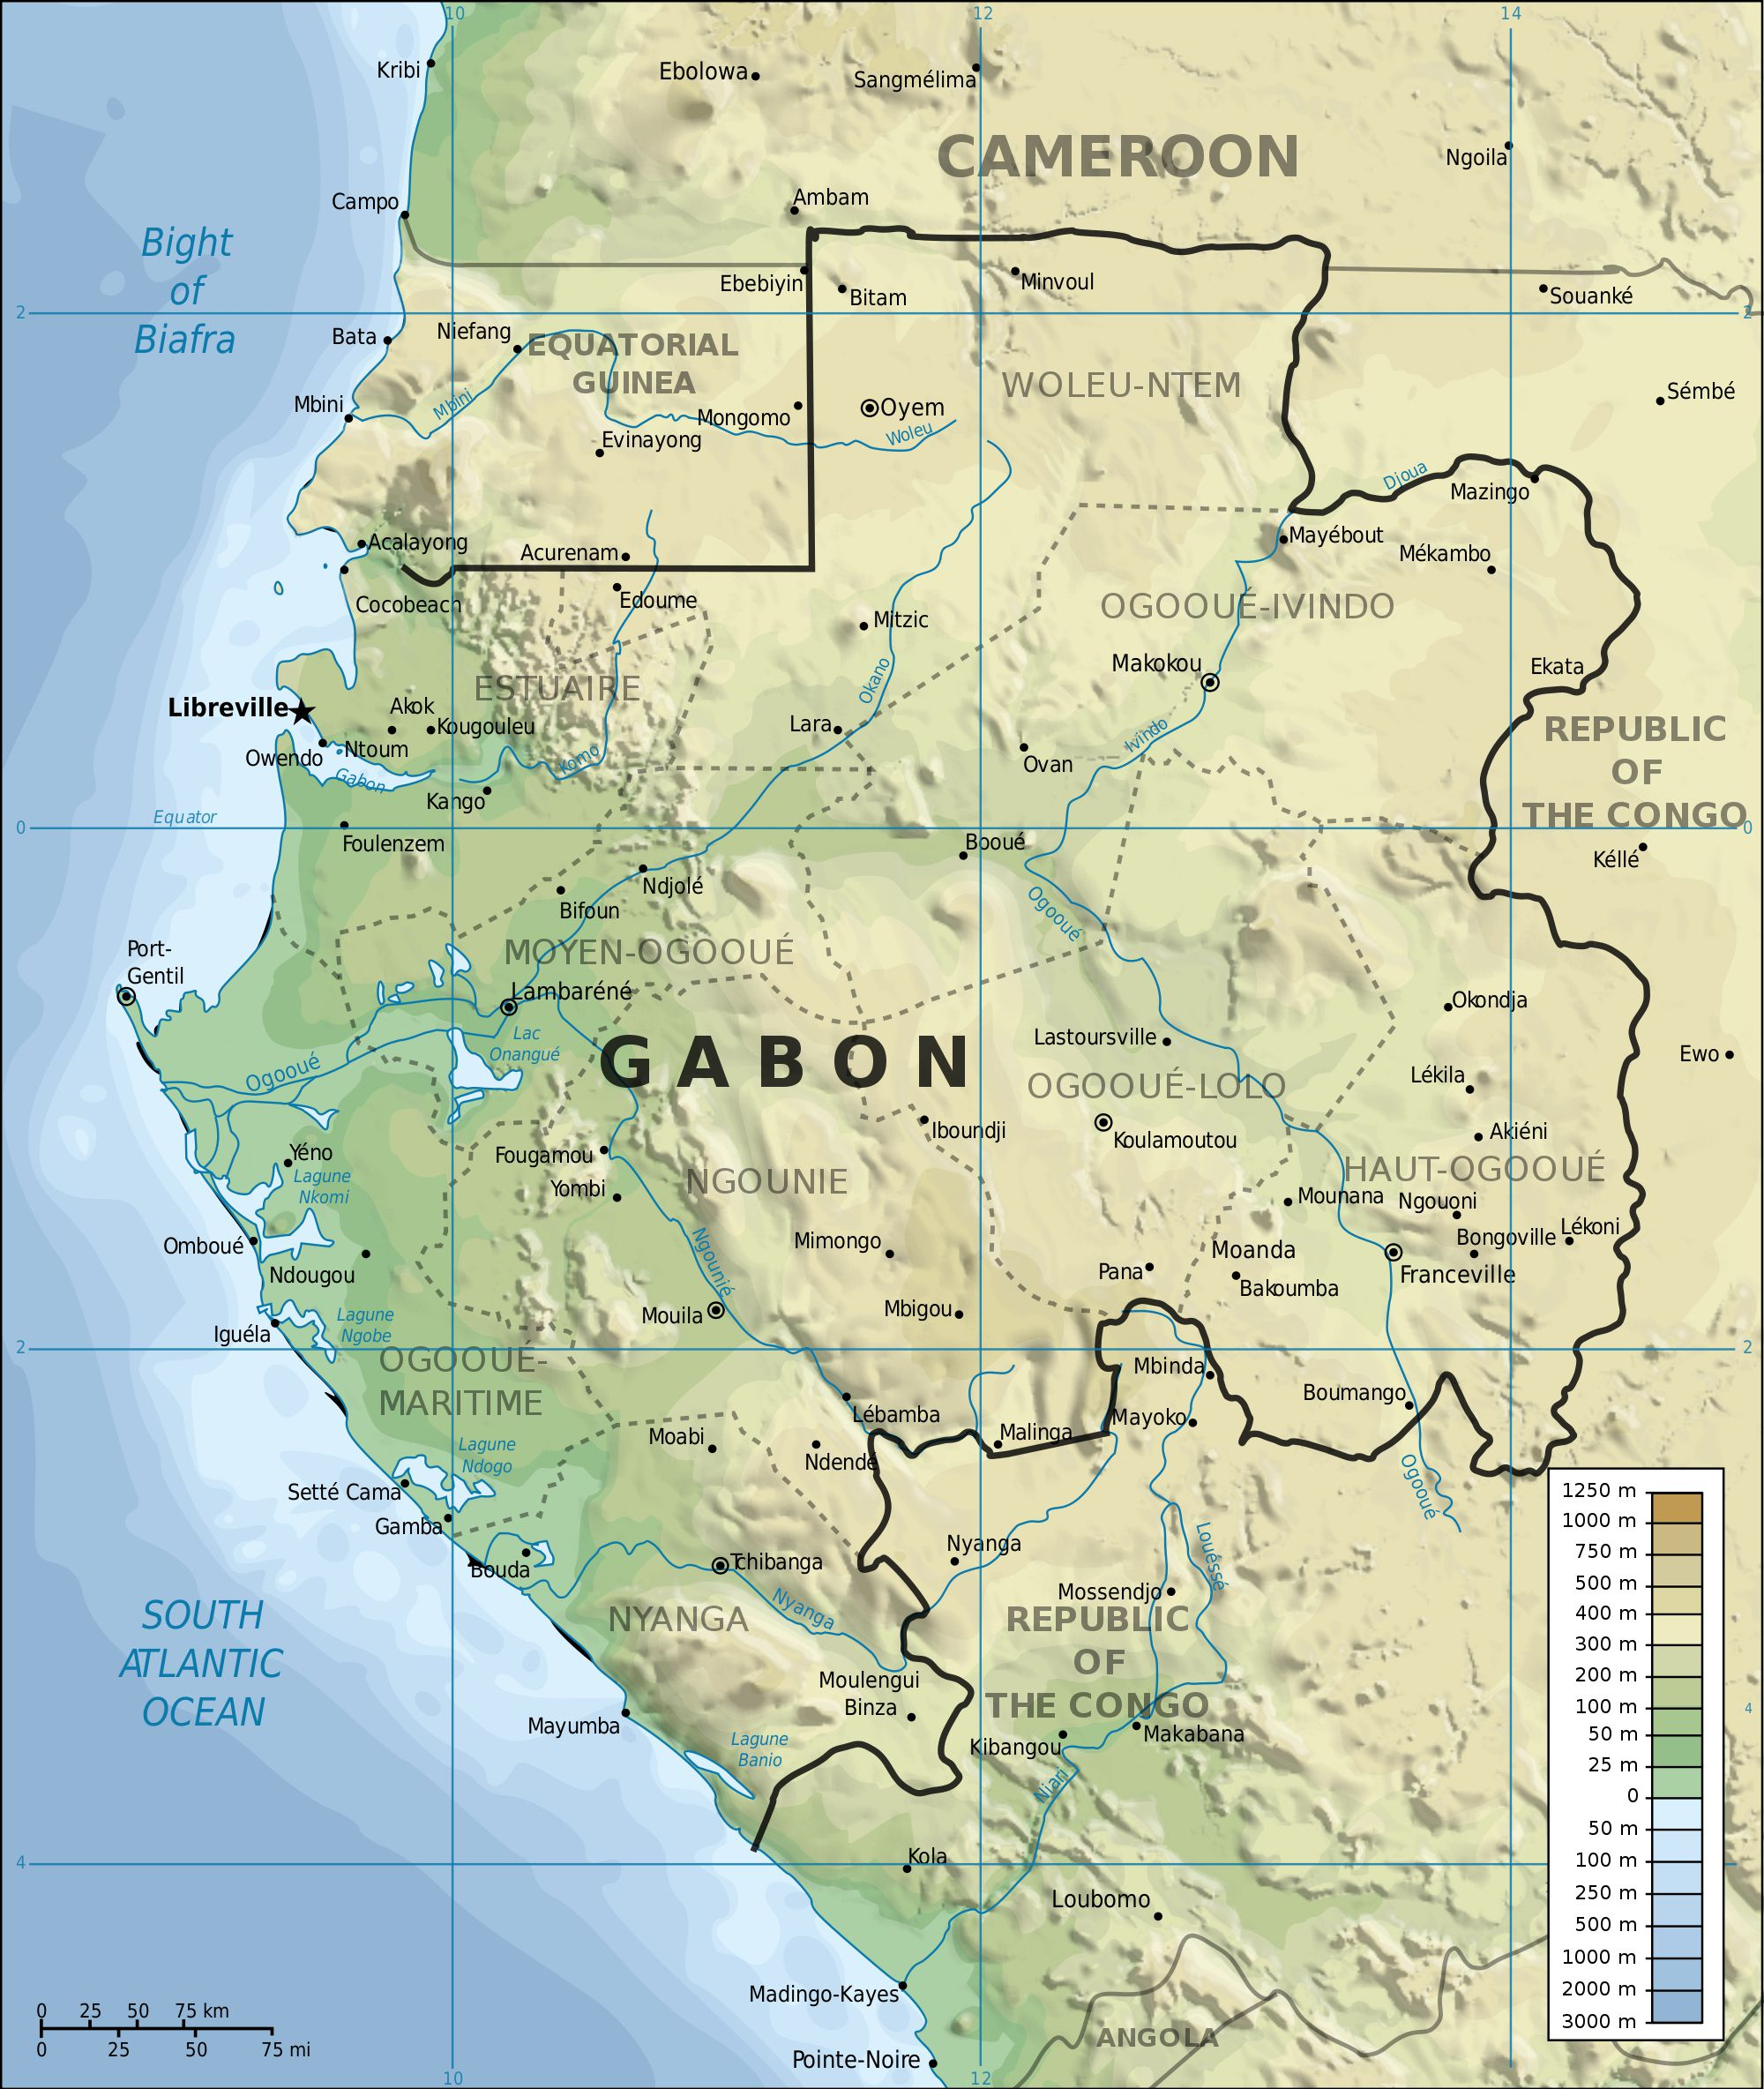 الخريطة الطبوغرافية لغابون